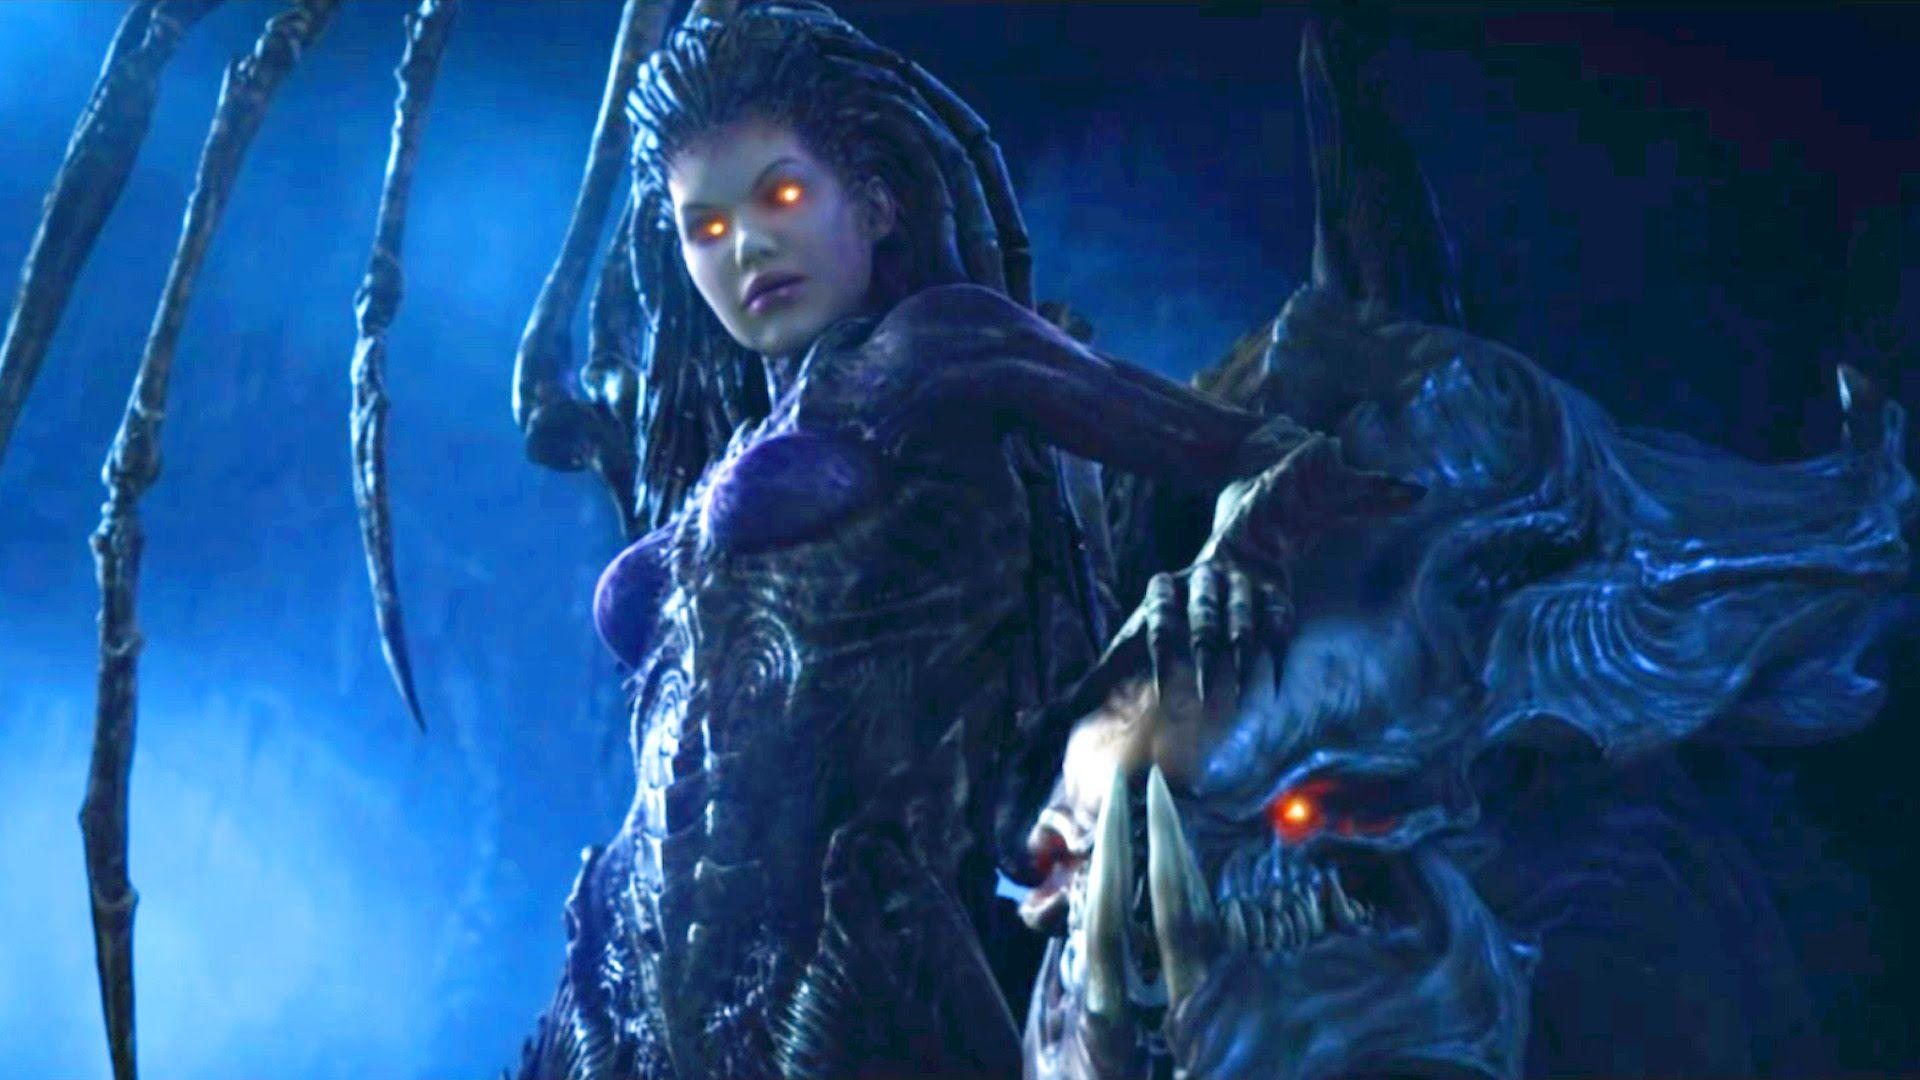 Zeratul vs Kerrigan. Protoss and Zerg Queen in Temple